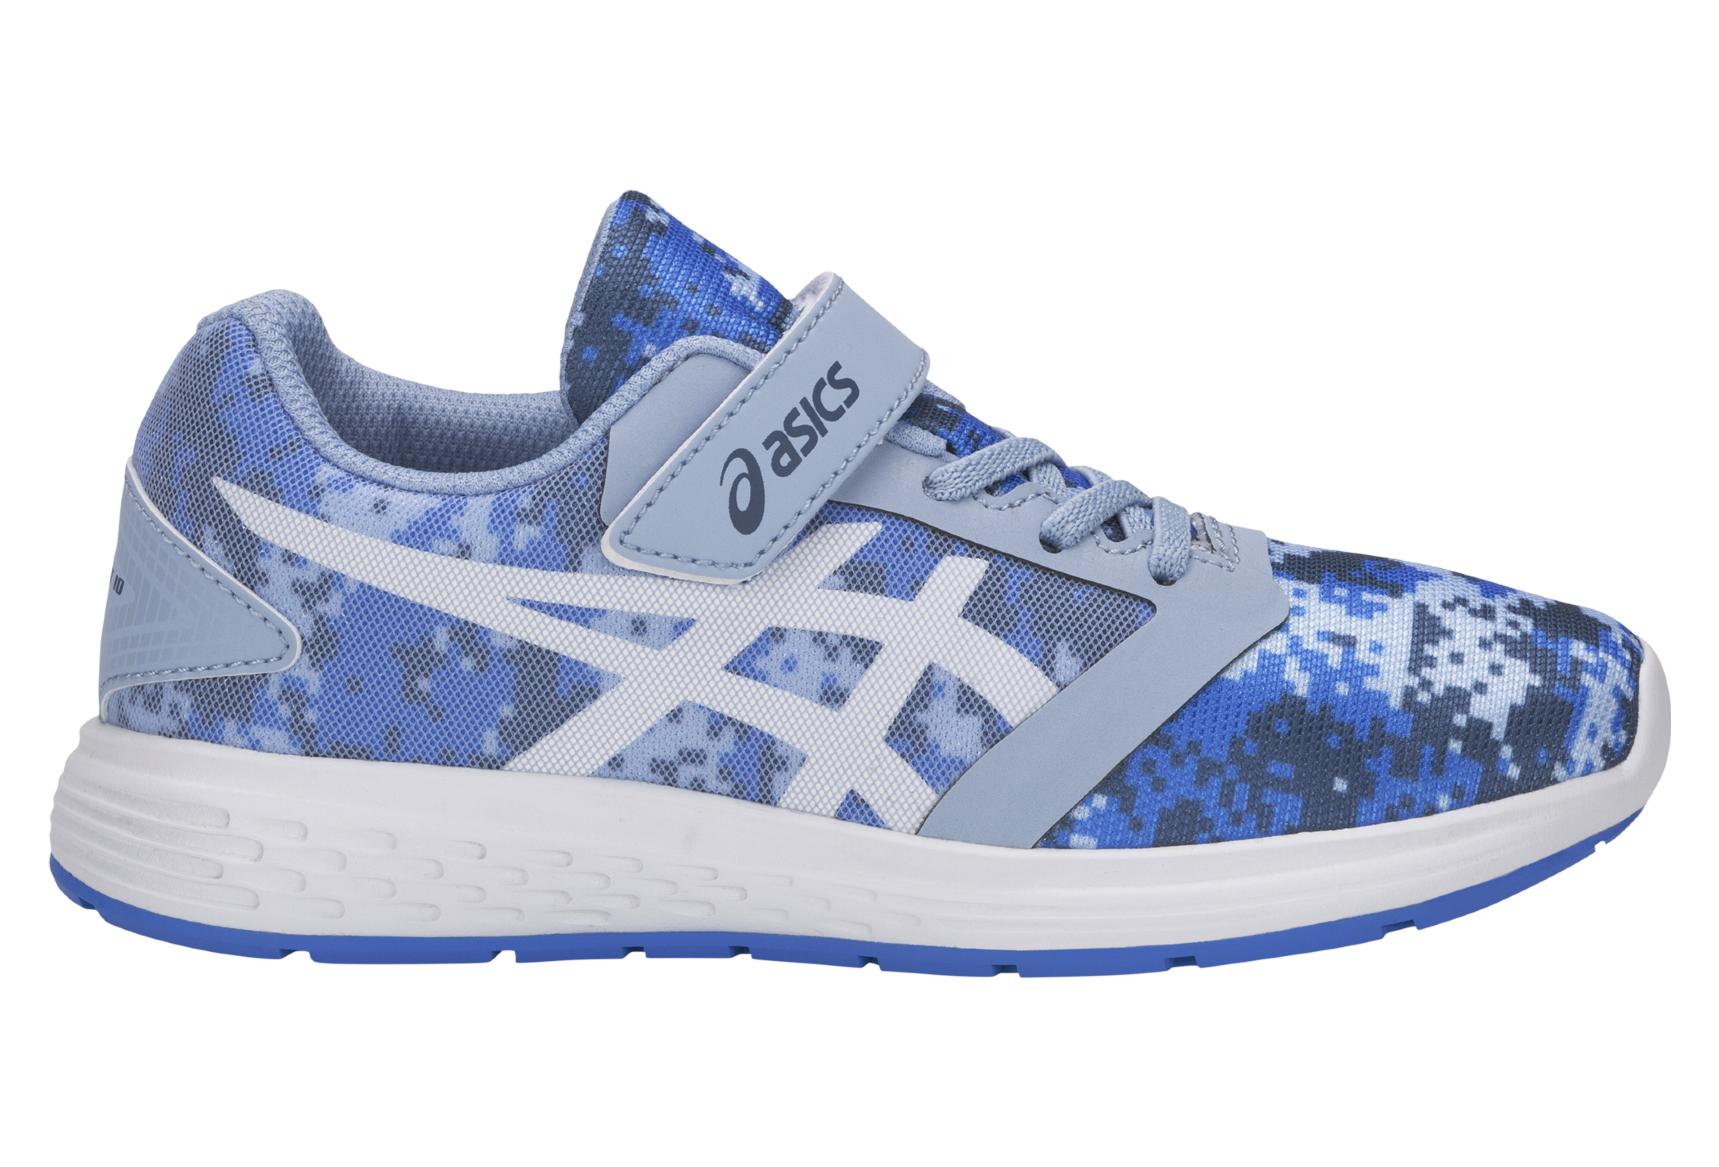 Chaussures junior Asics Patriot 10 Ps